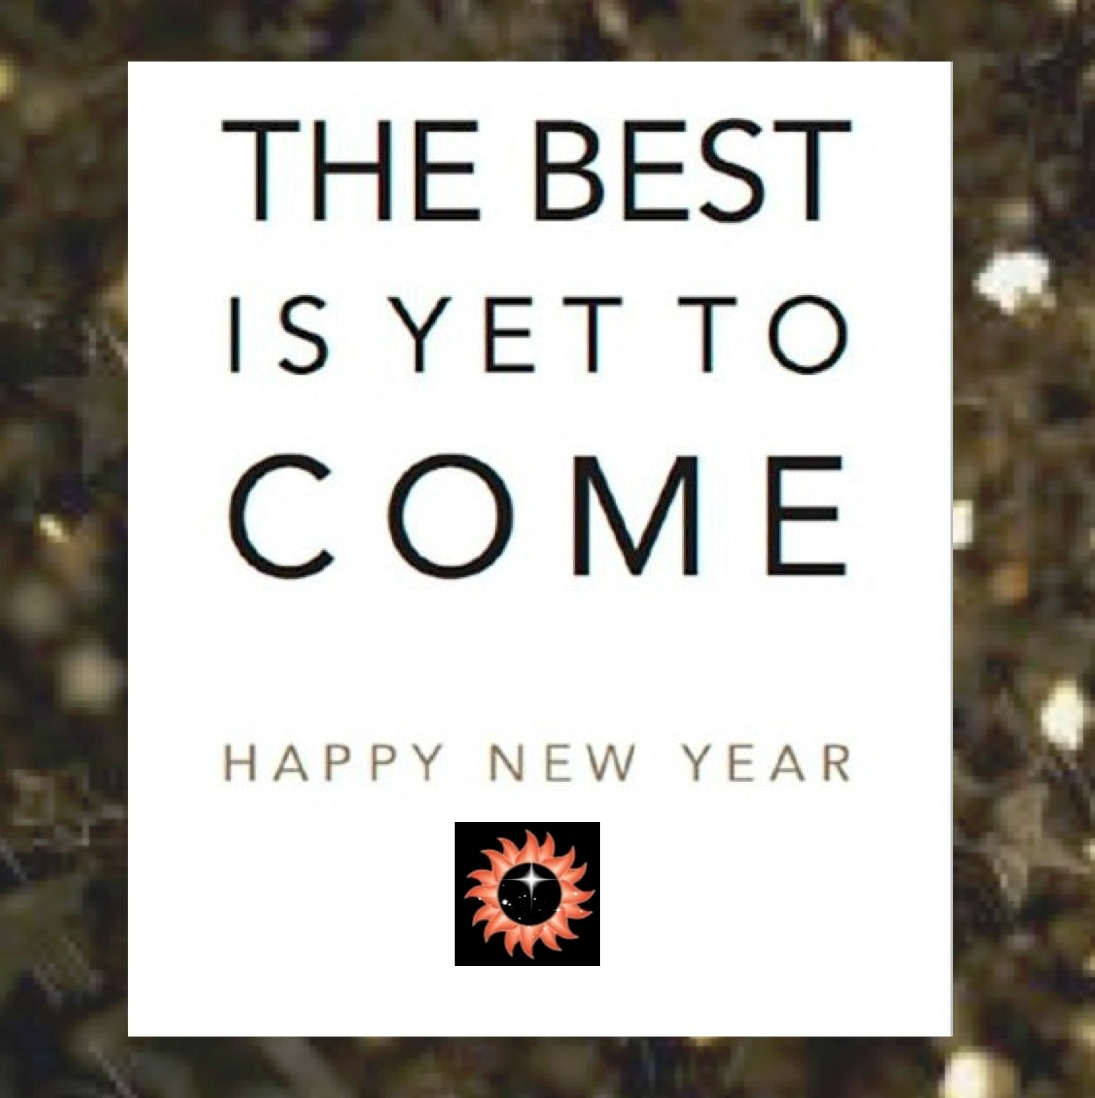 Happy New Year Empower.jpg